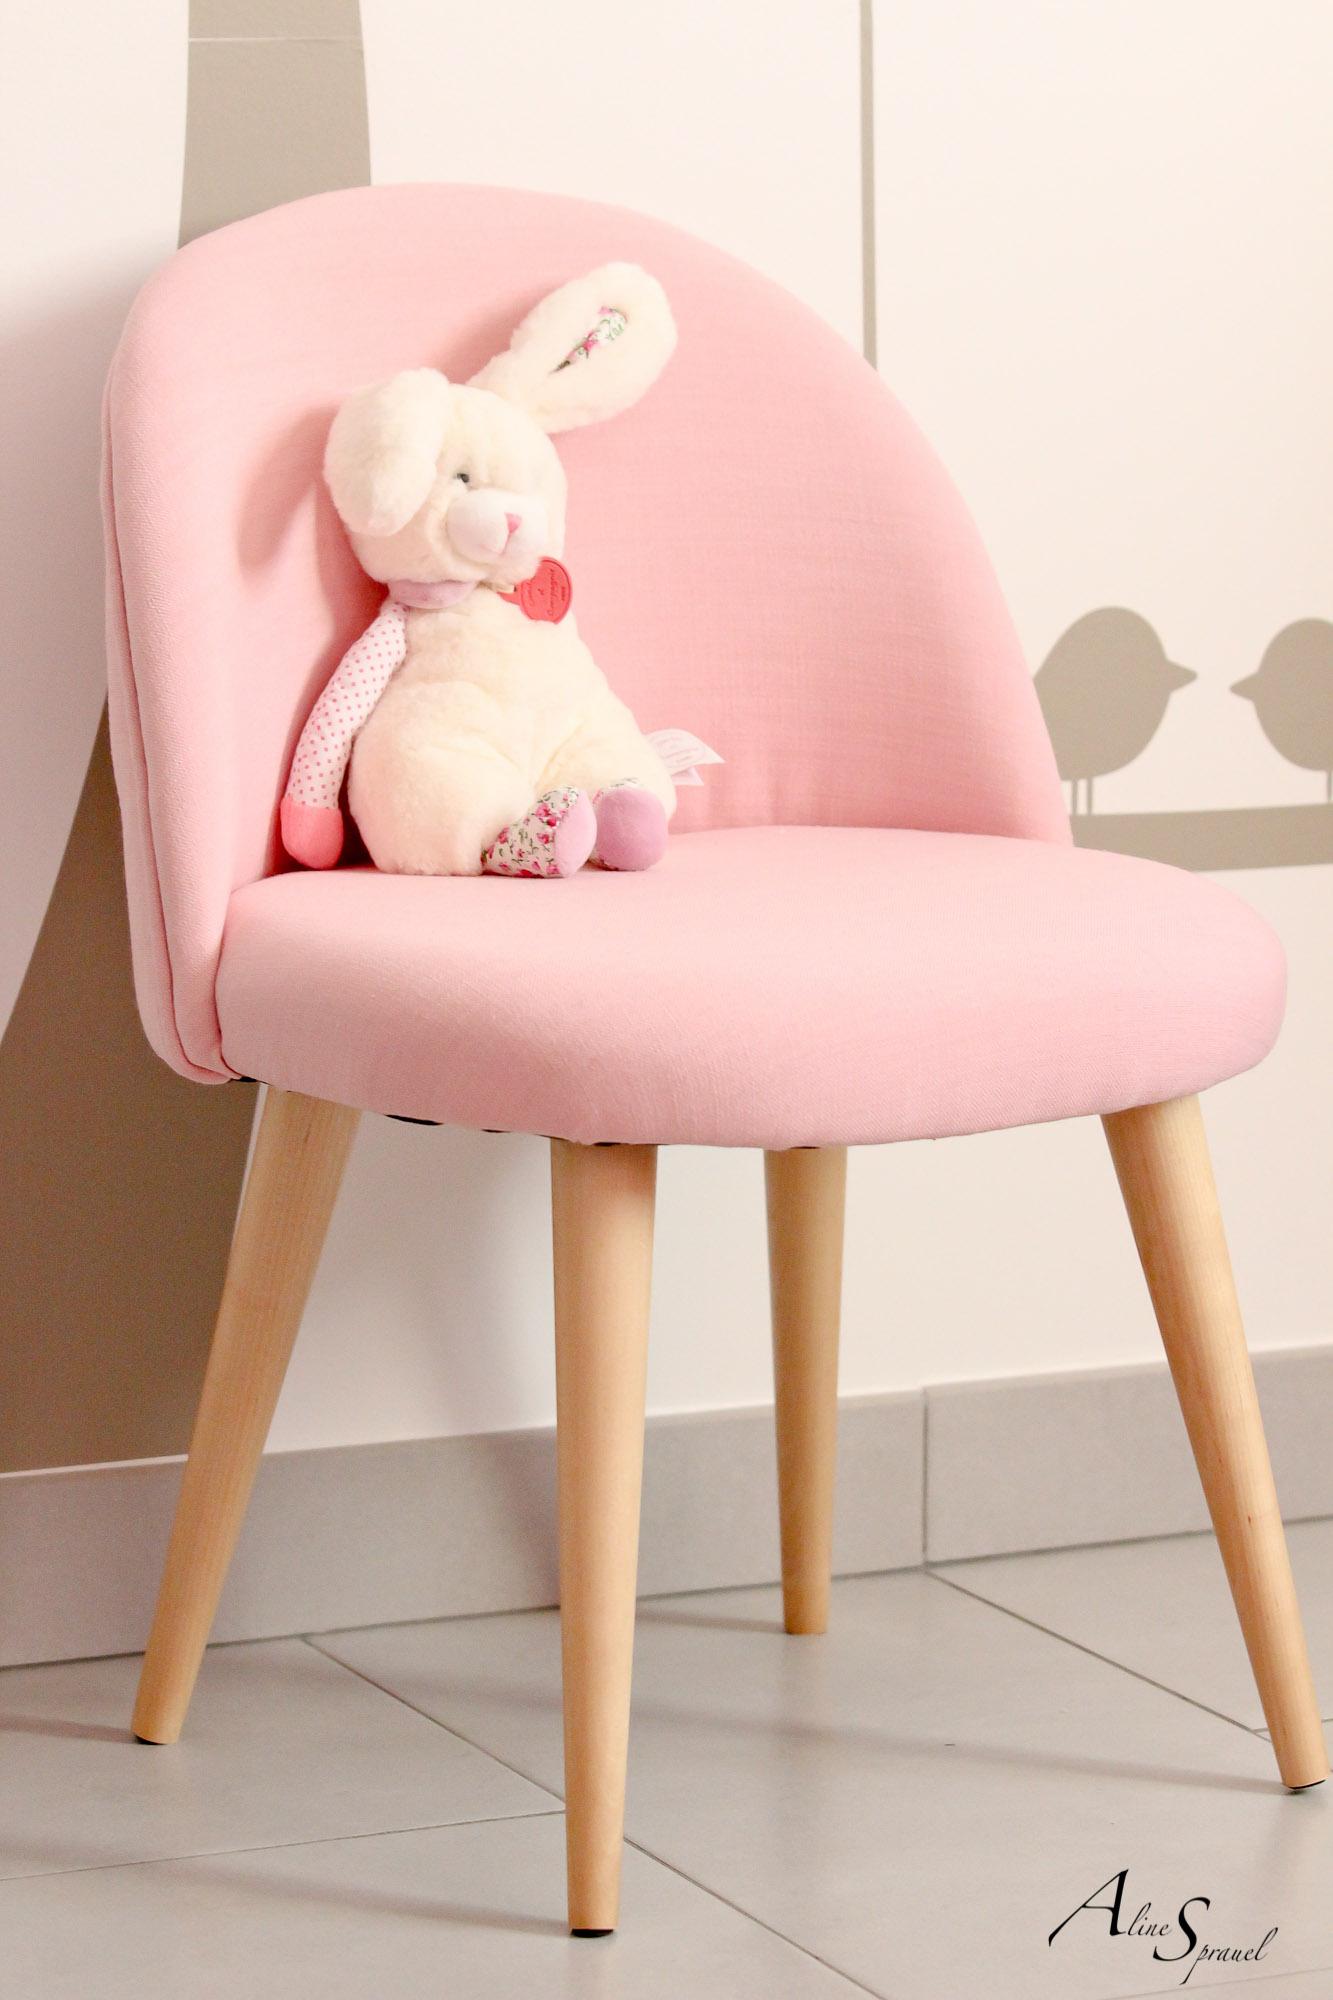 chambre-bebe-rose – Photographe Aline on